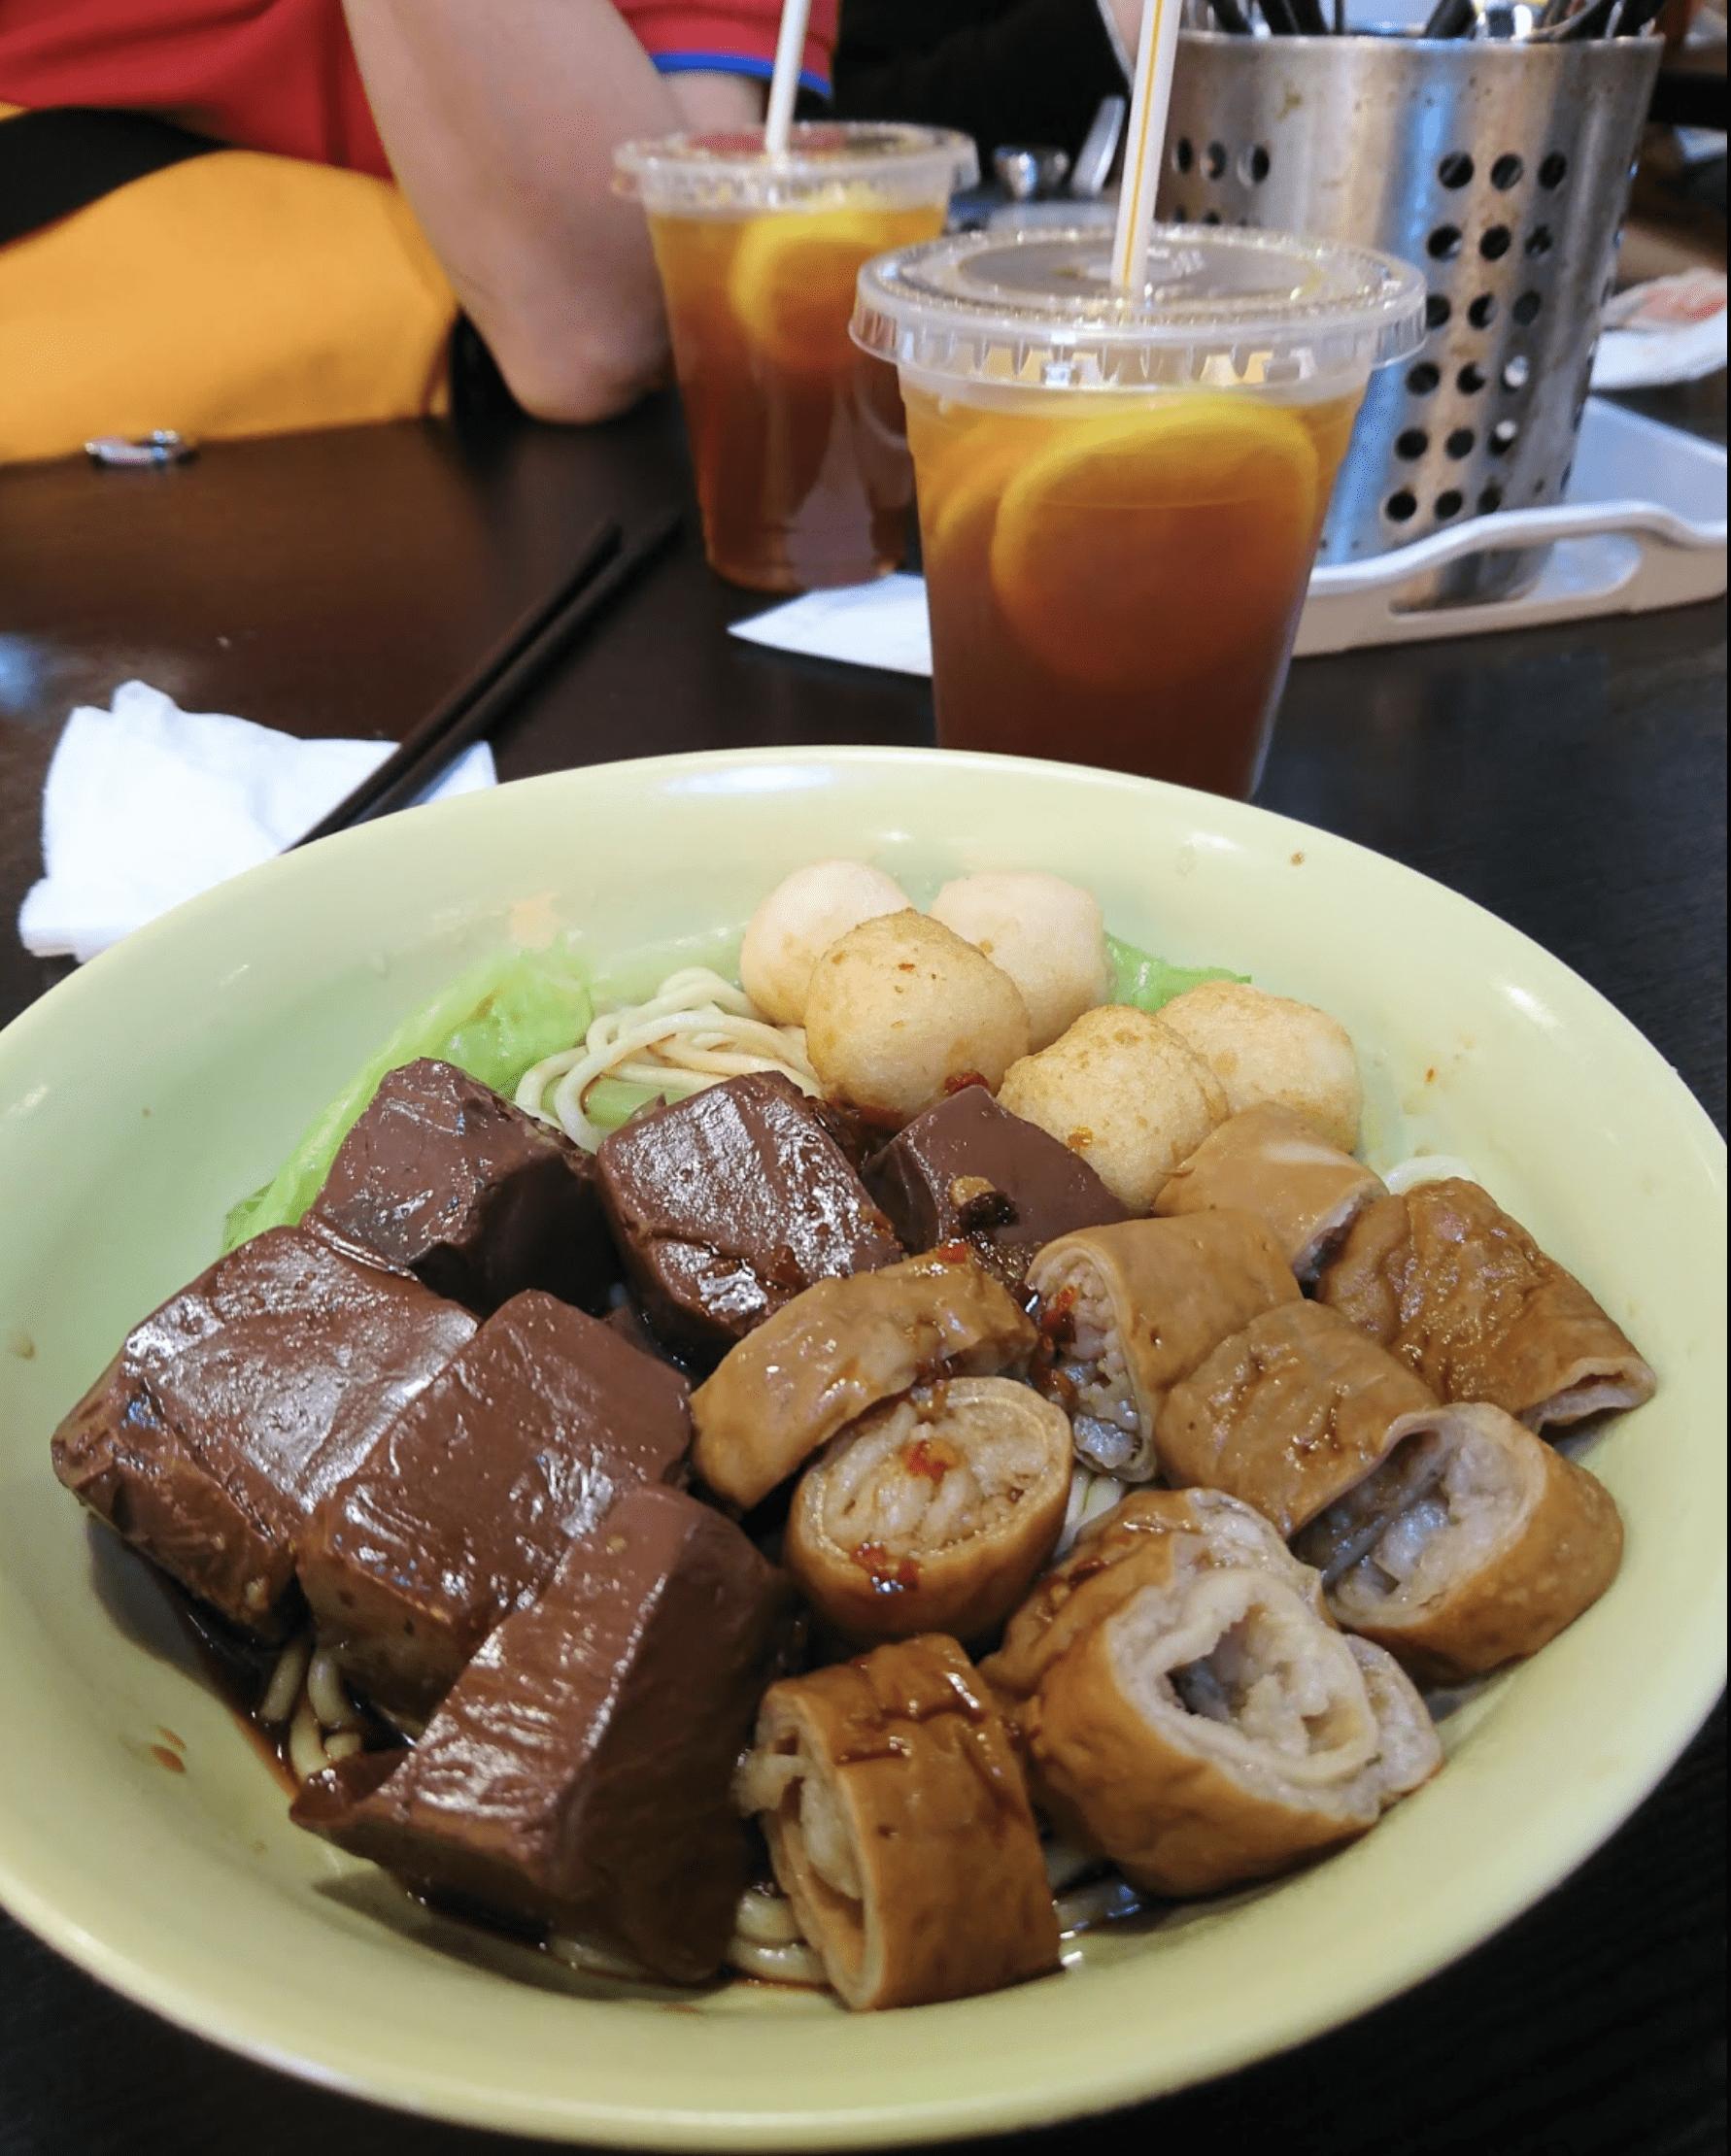 大坑美食 / 除左出名既滑蛋菠蘿油外,呢間豬紅,豬腸都好好食。 / 順興茶檔